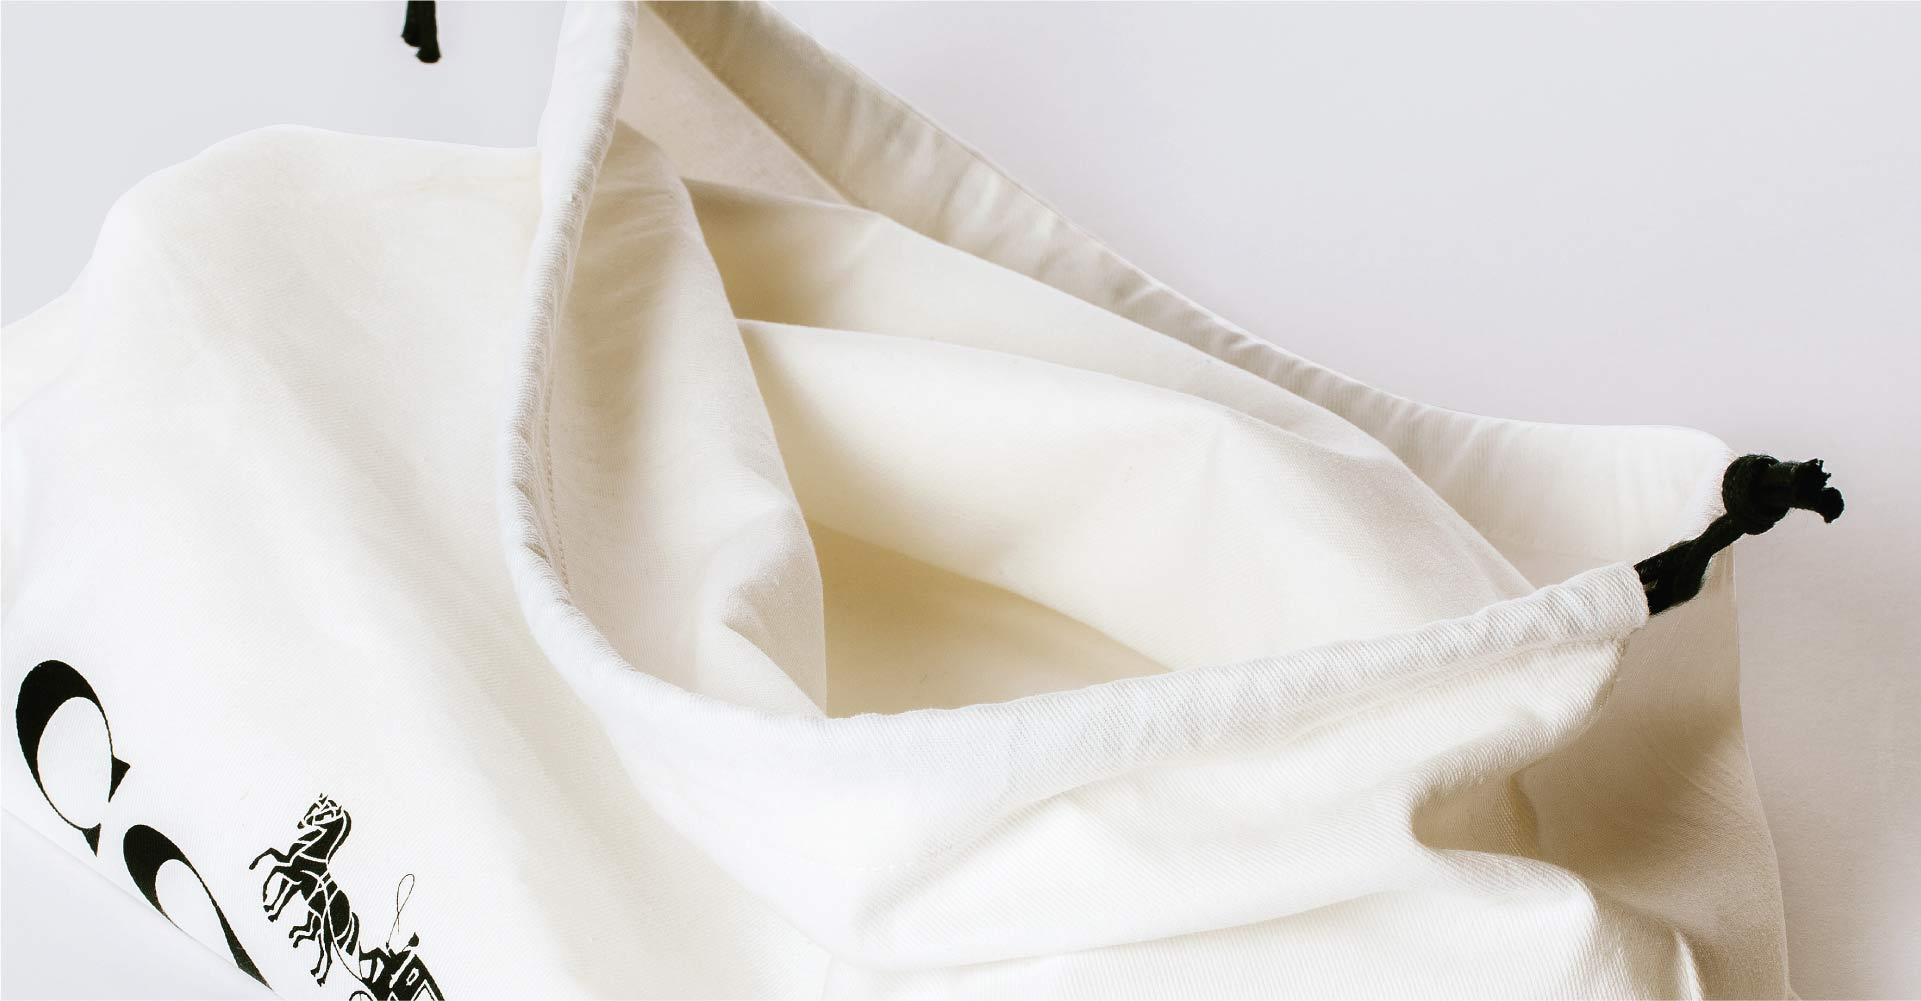 Creative_Retail_Packaging_Package_Design_Luxury_Coach_05.jpg